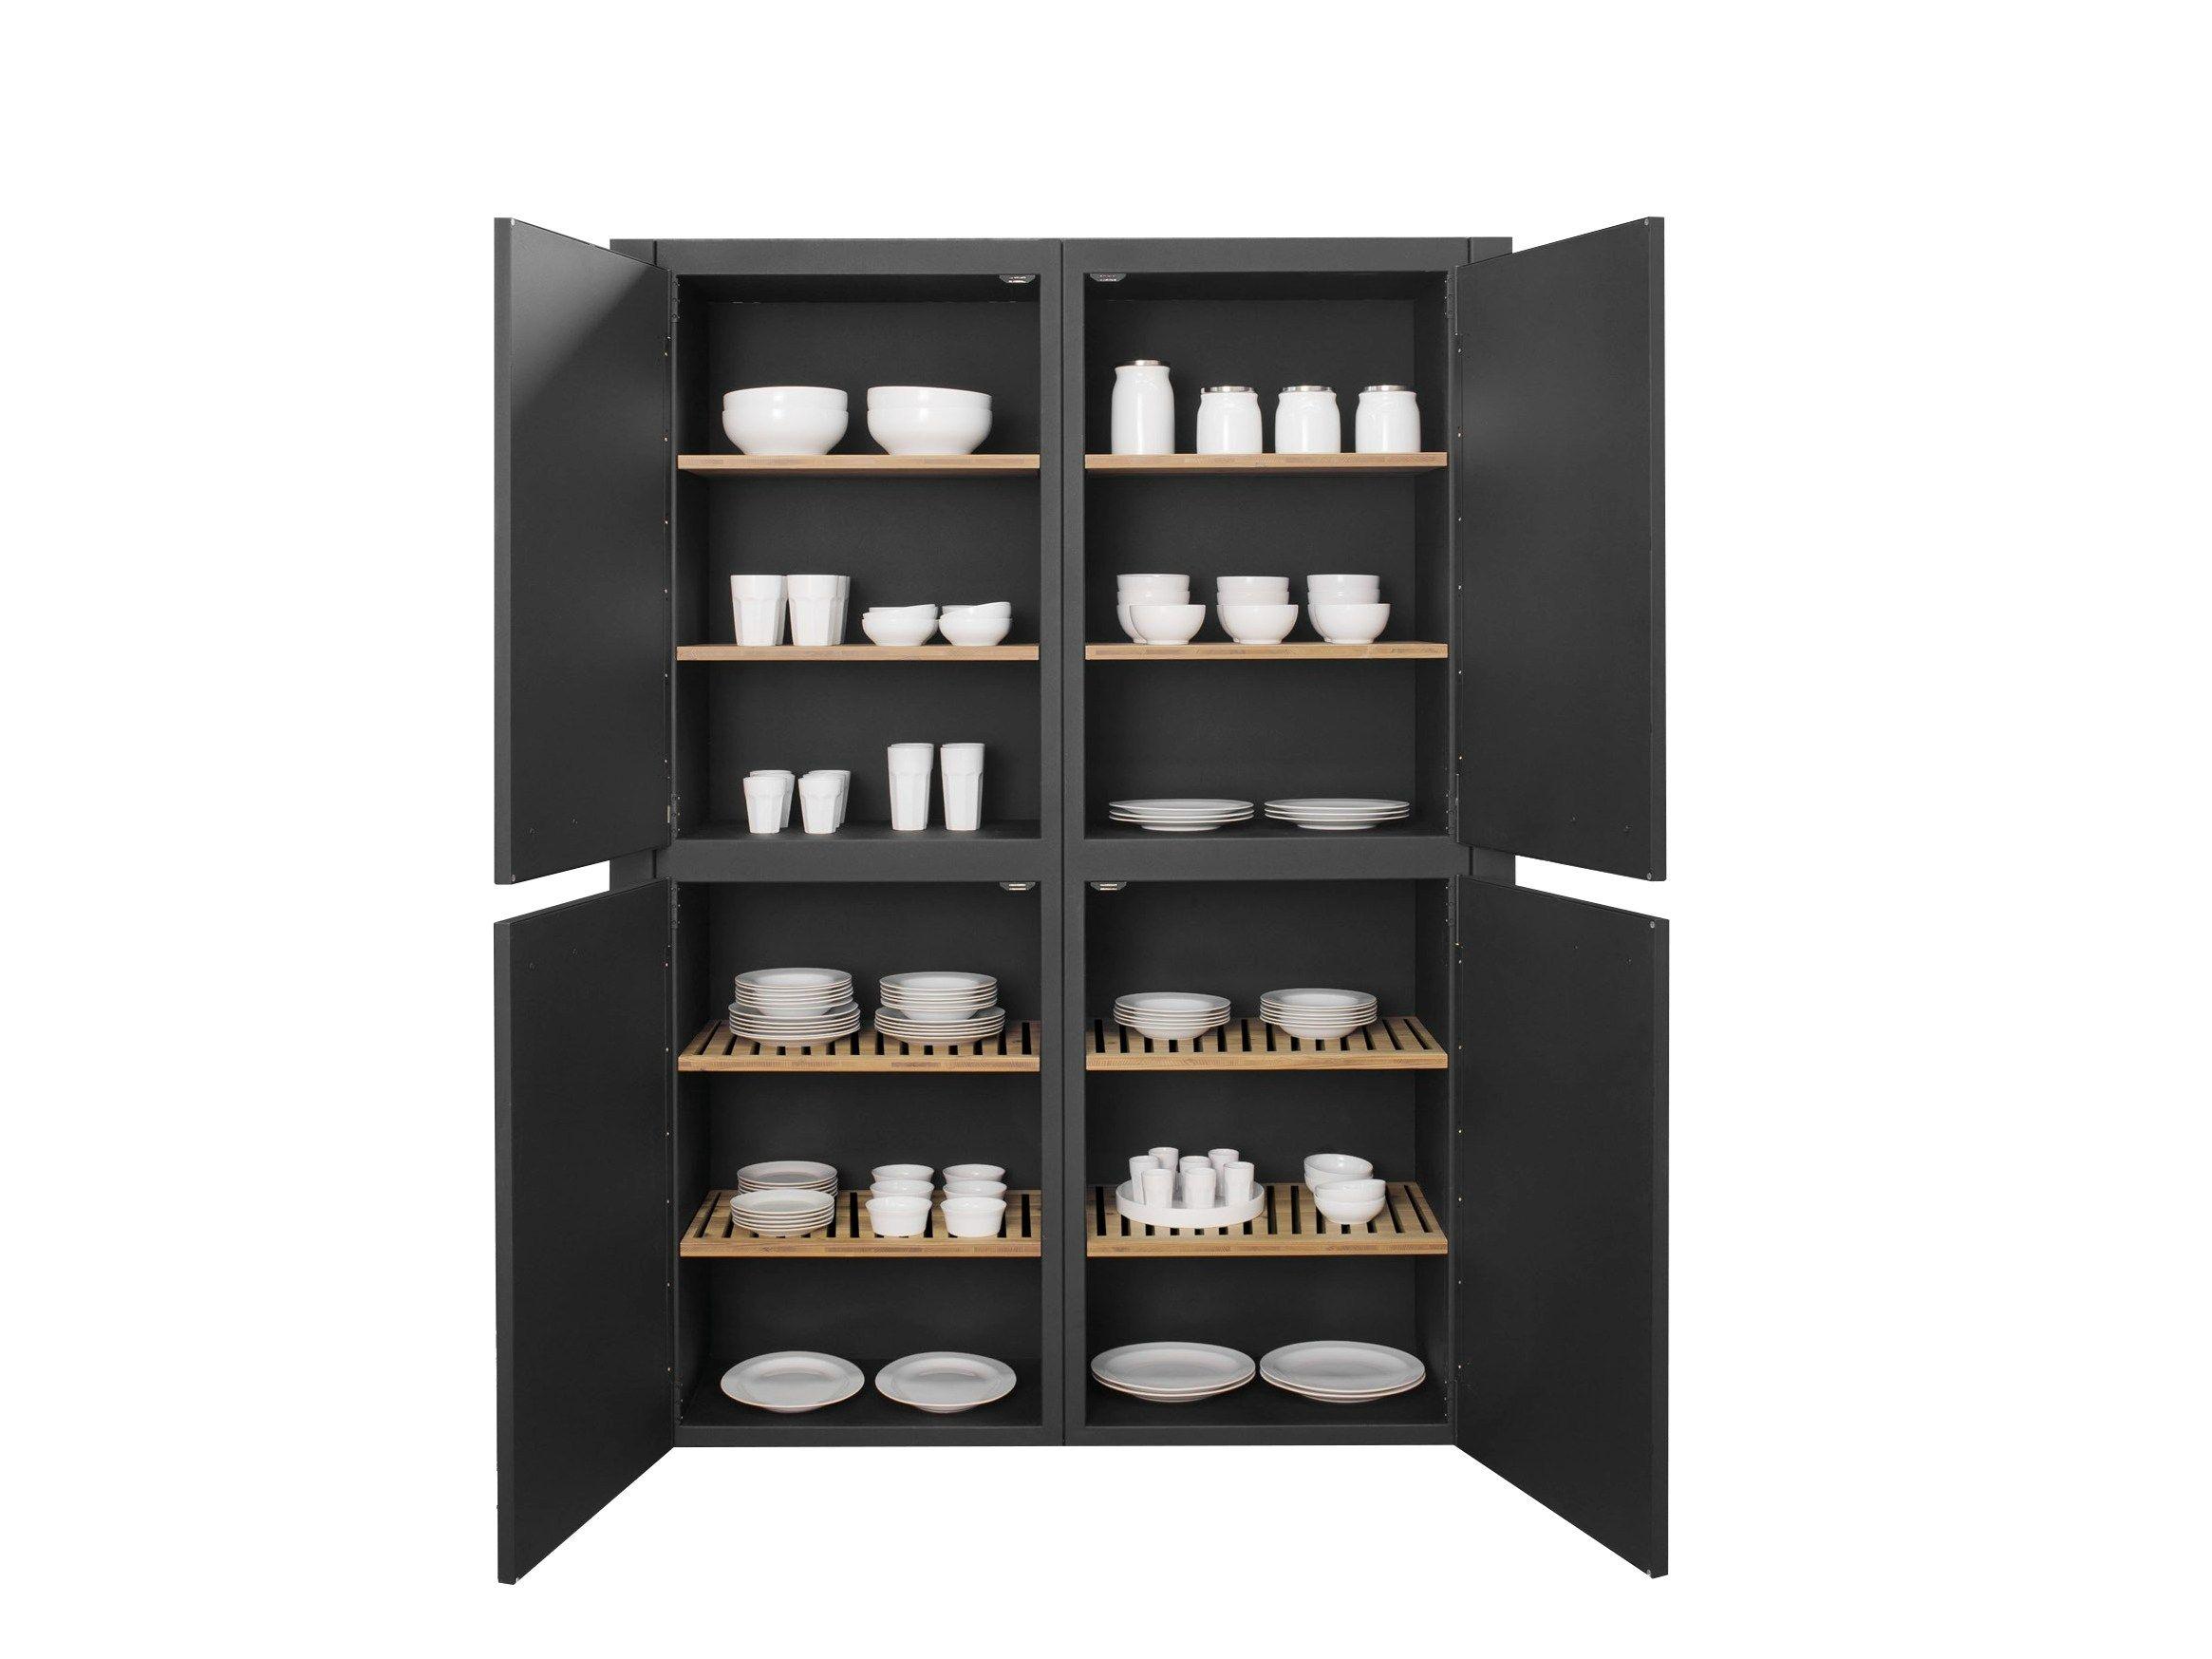 MINÀ Alacena By Minacciolo Diseño Silvio Stefani   R&D Minacciolo #876744 2330 1747 Mobile Dispensa Per Cucina Moderna